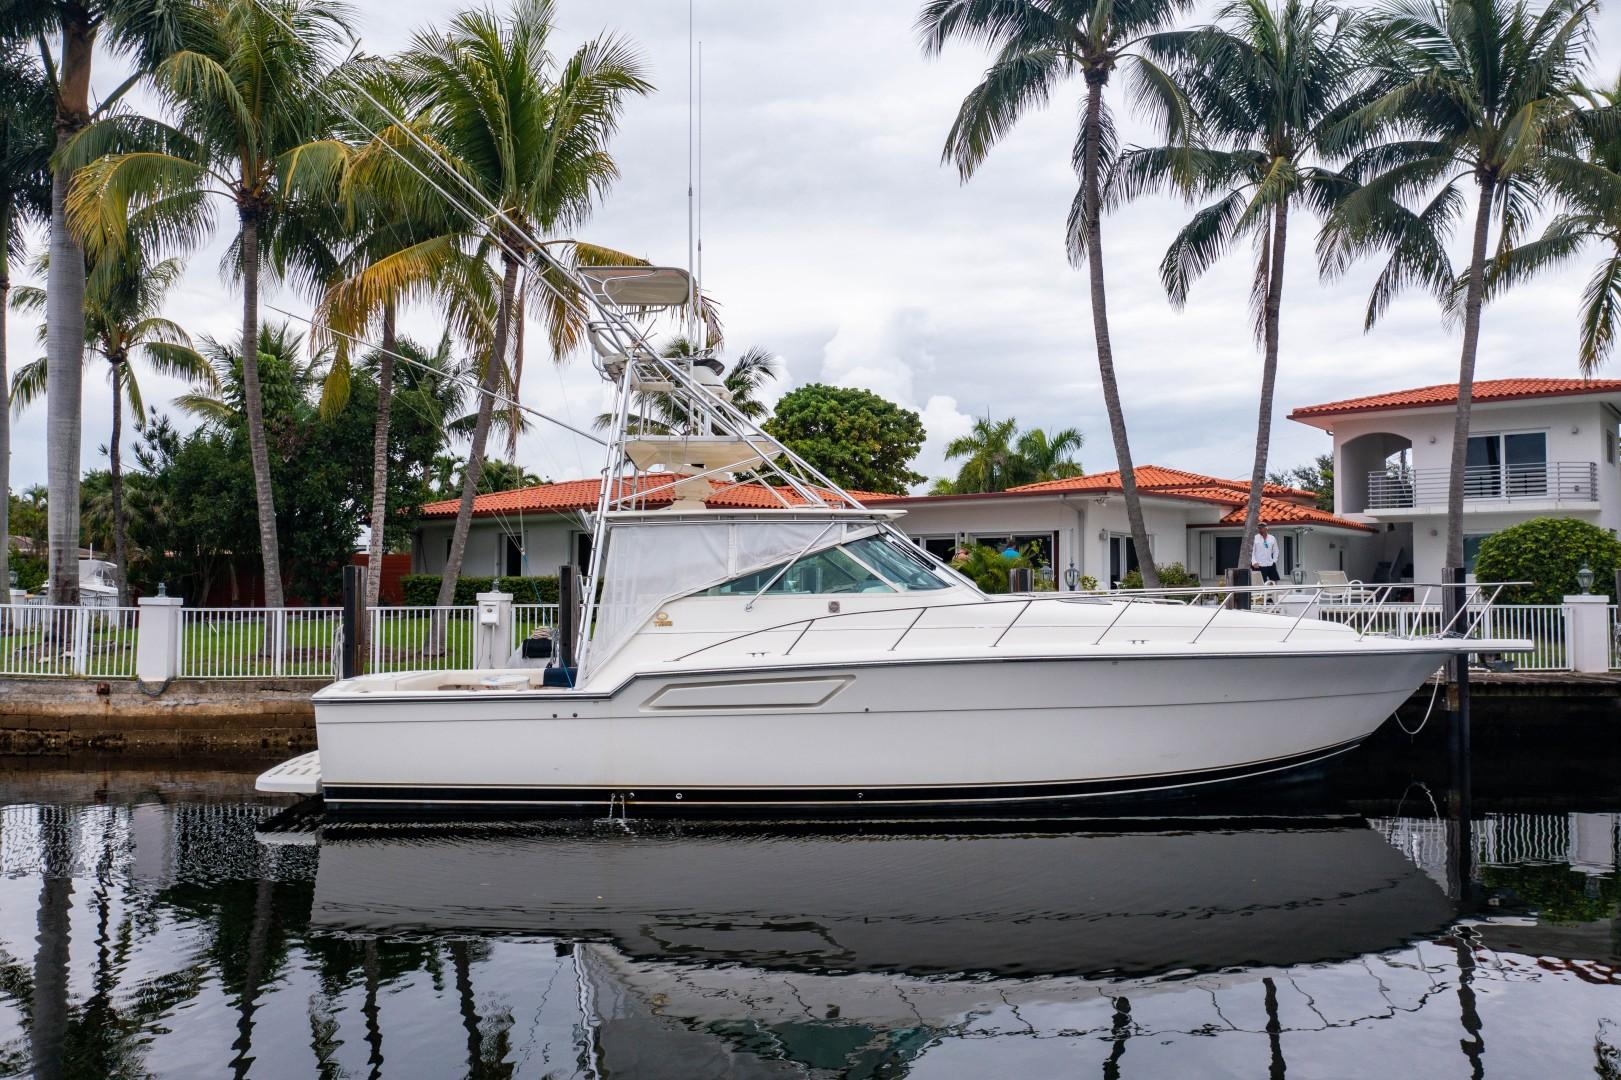 Tiara Yachts 43 - Amadeus - Exterior Profile